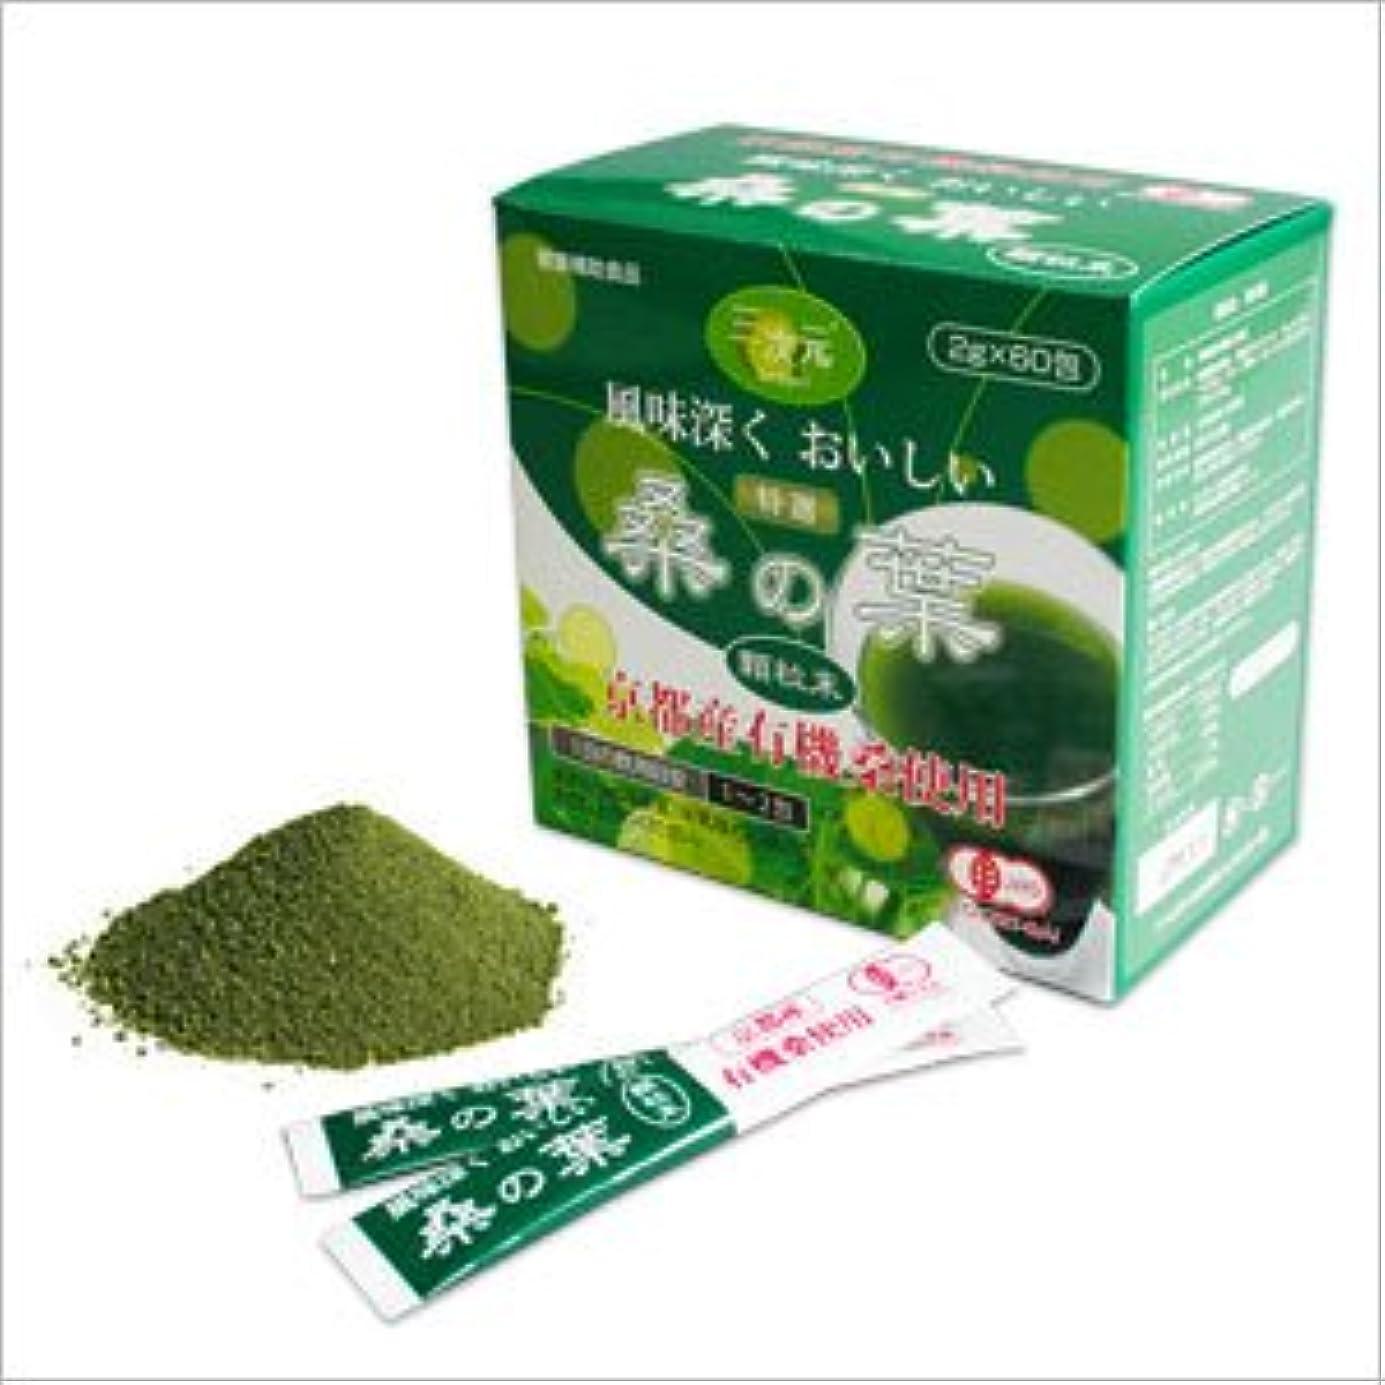 バスケットボールアウトドア換気桑の葉 2箱セット 健康食品